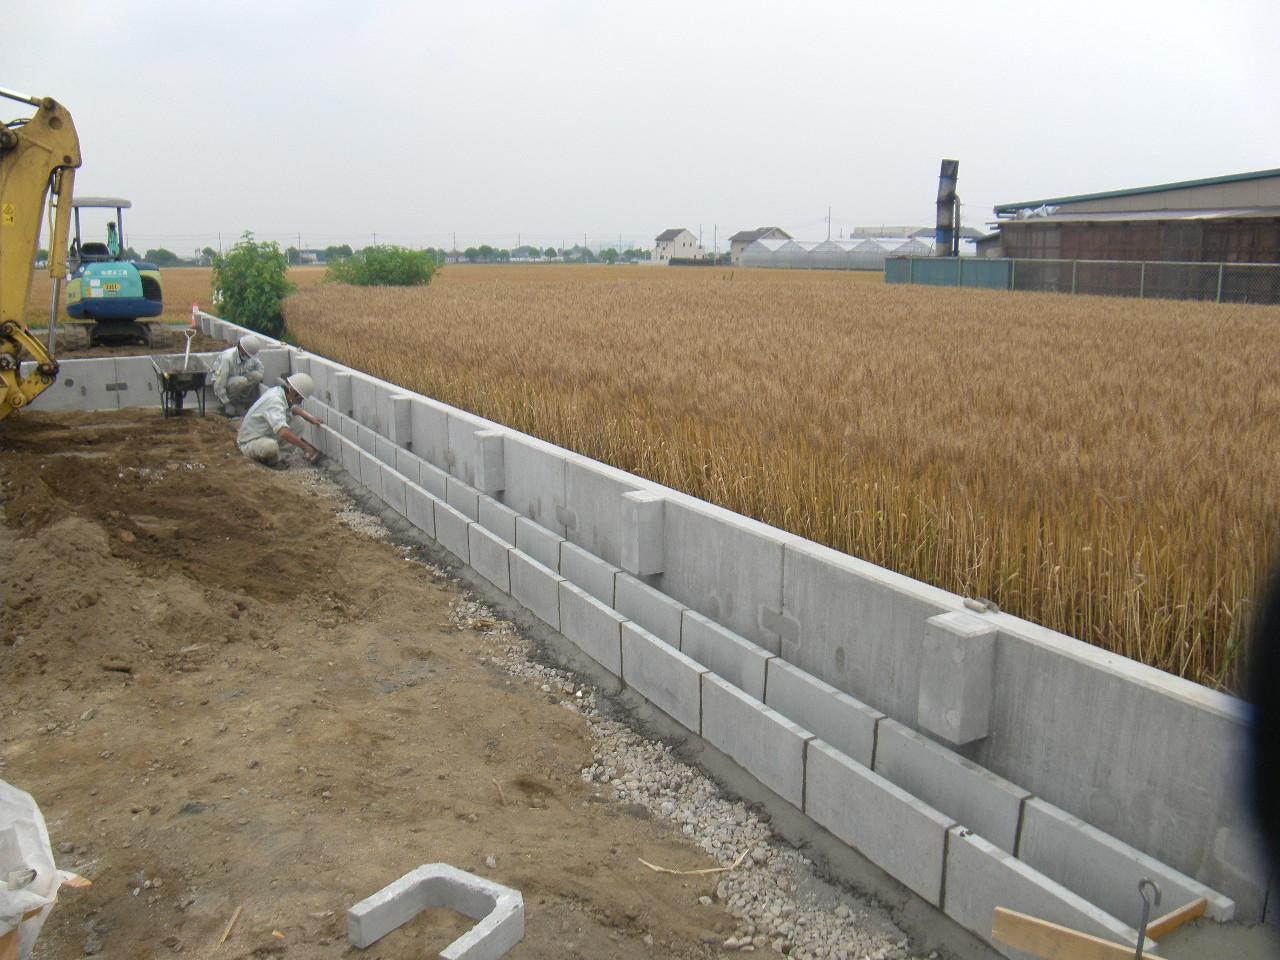 L型擁壁及び側溝施工状況